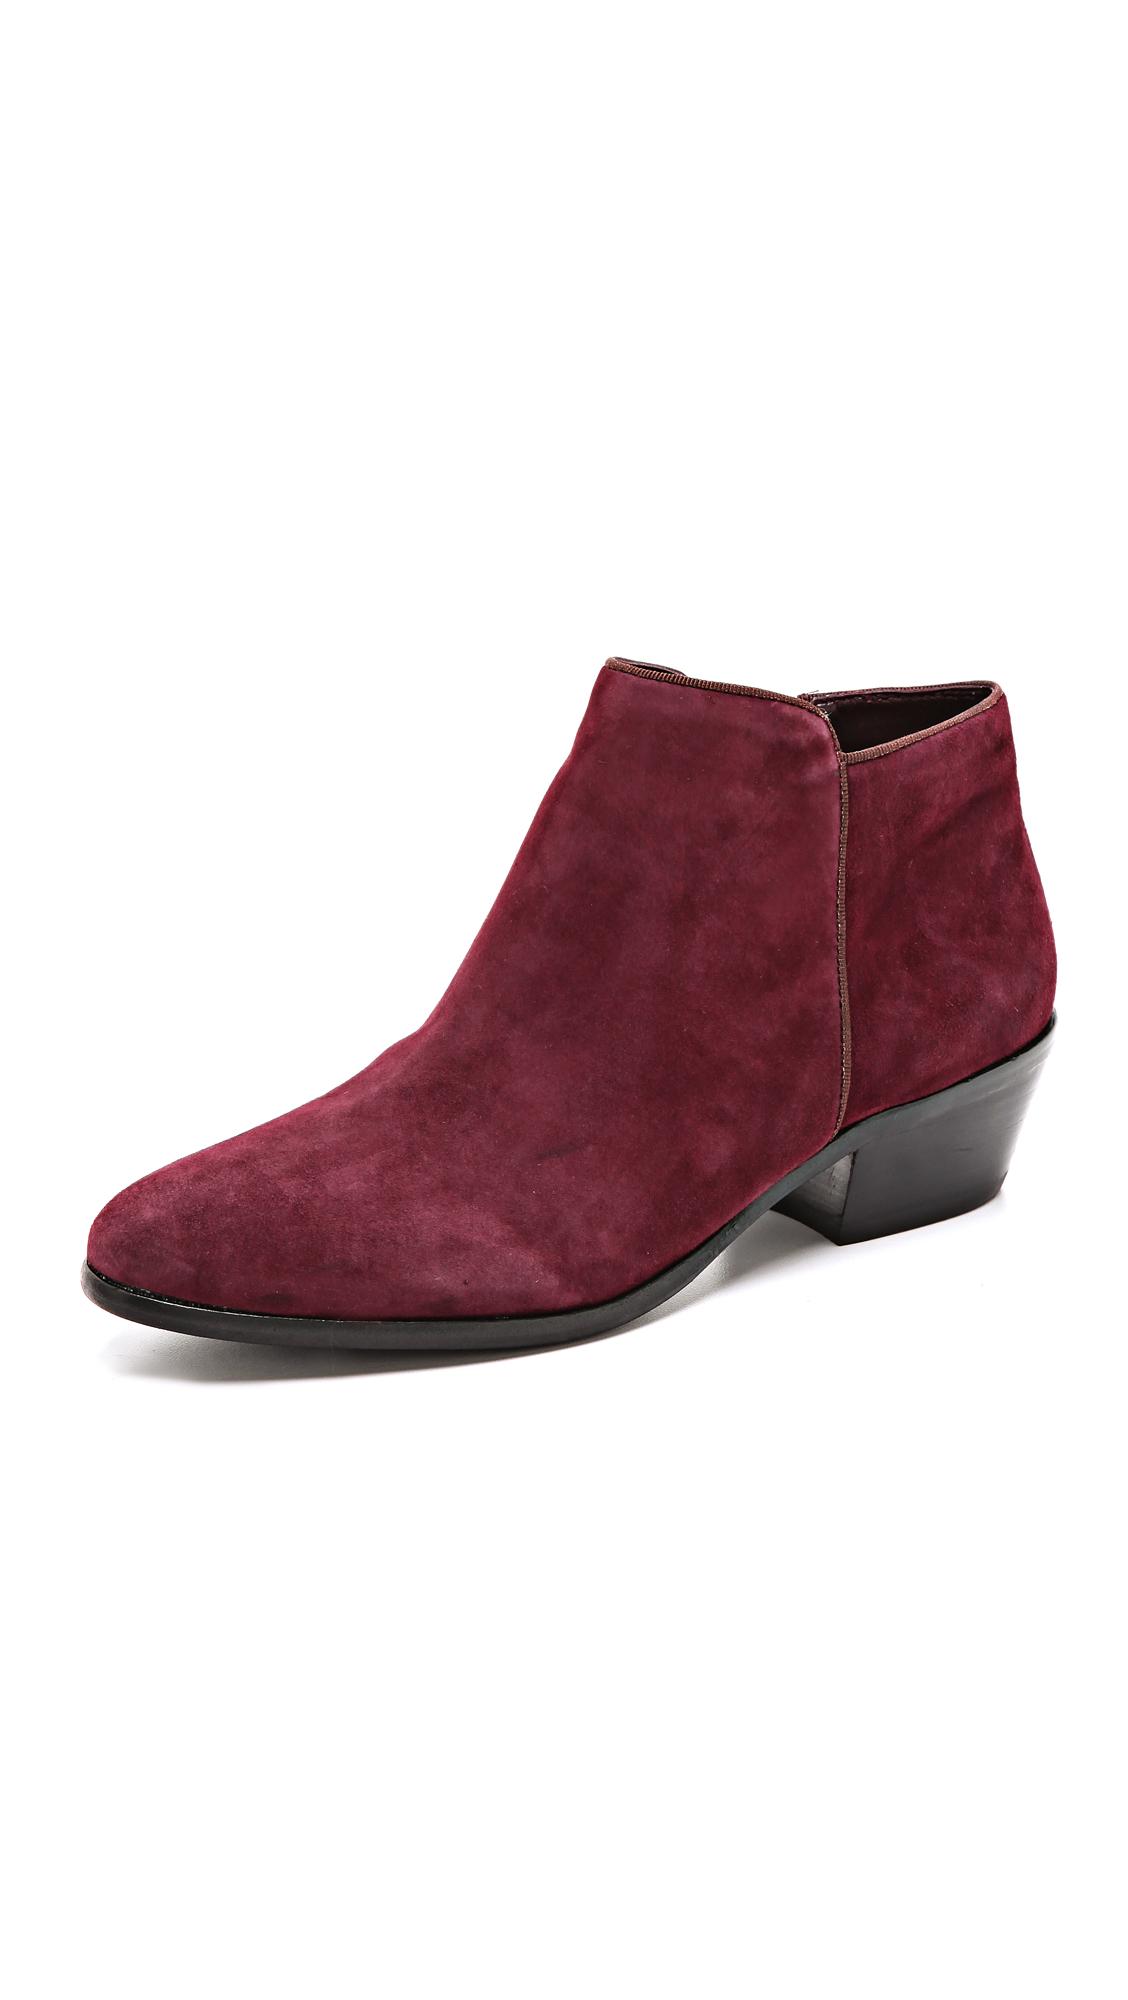 74ea7b8941776e Sam Edelman Petty Short Boots in Purple - Lyst